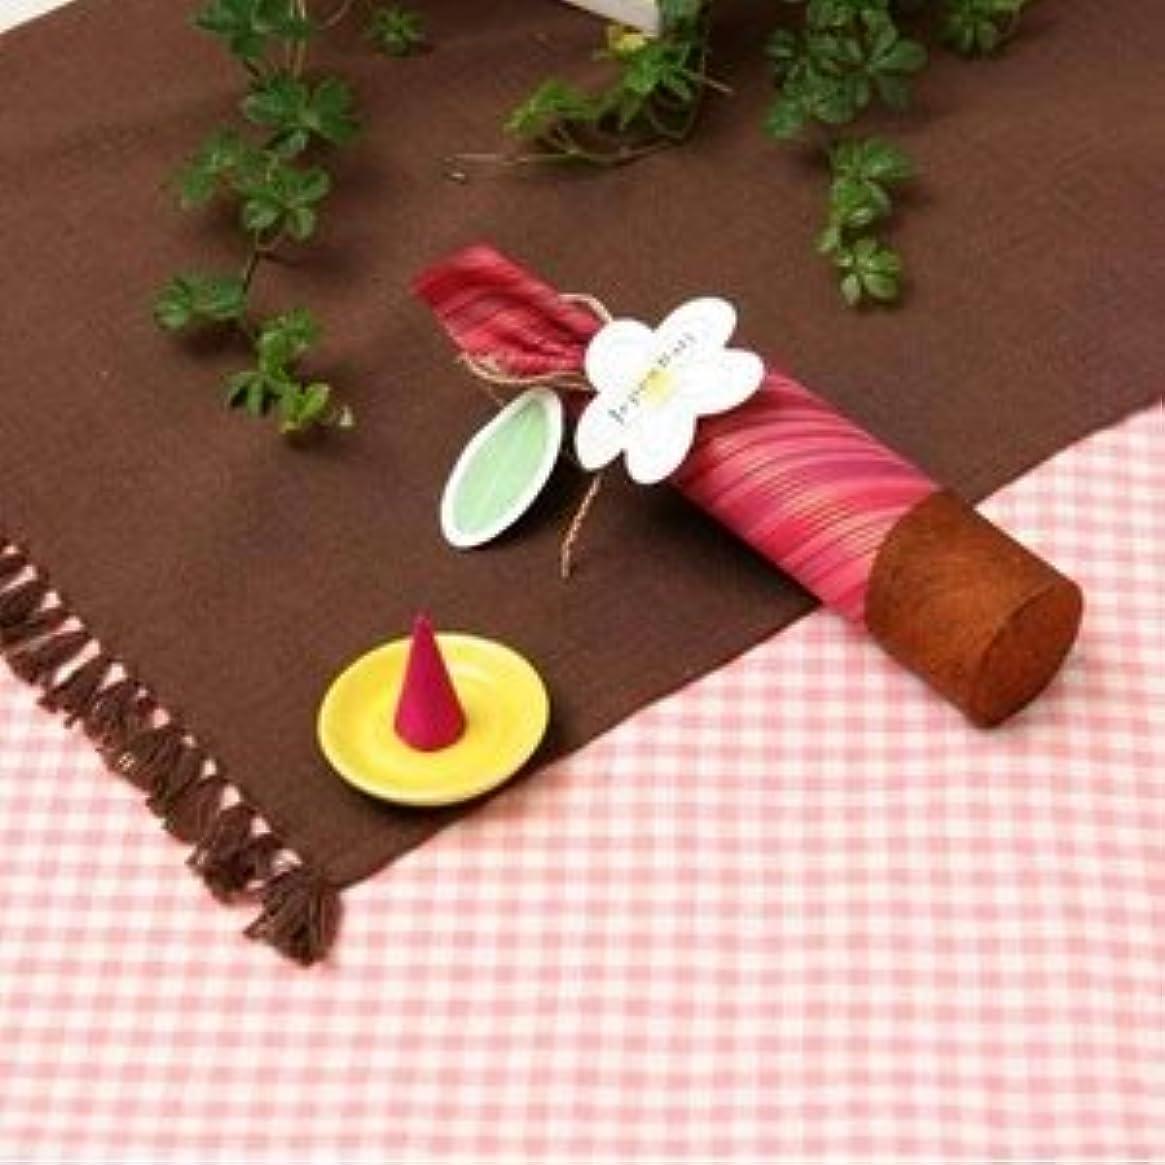 段階緩むスムーズにお香 【Jupen Bari】ジュプンバリ コーンタイプ10個入り (桜)